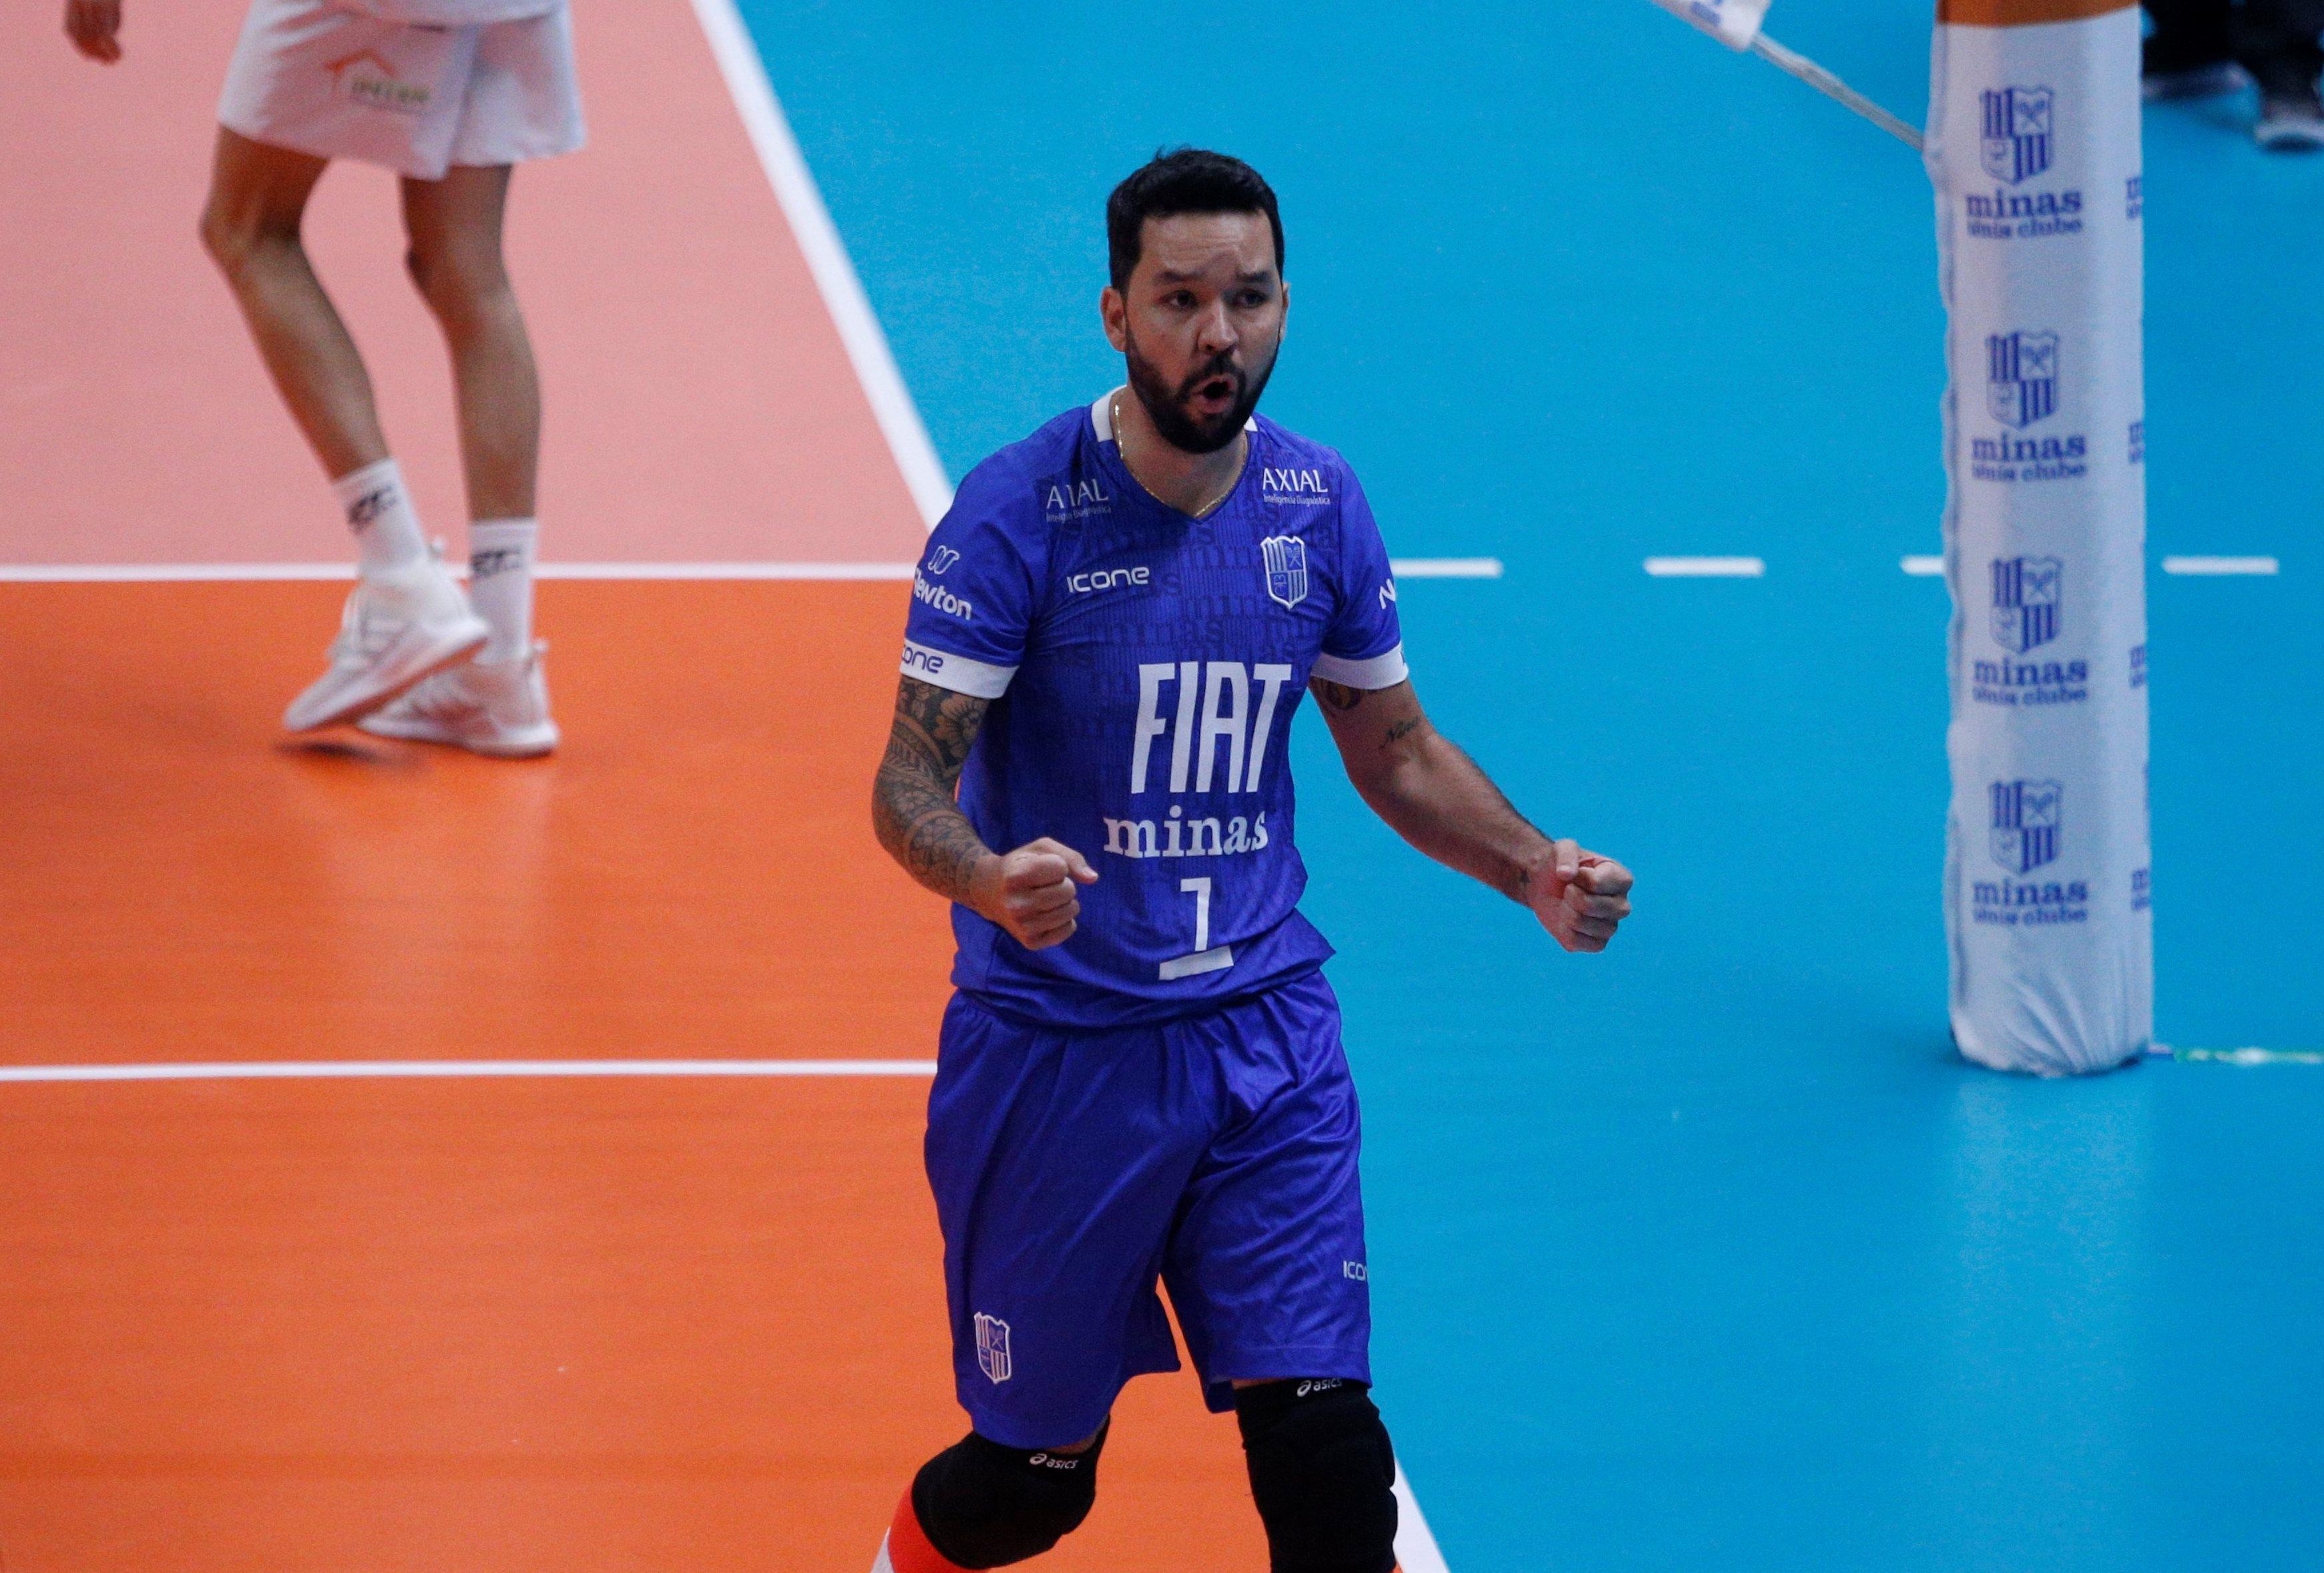 William destaca a consistência do Fiat/Minas para a semifinal / Fotos: Orlando Bento/MTC